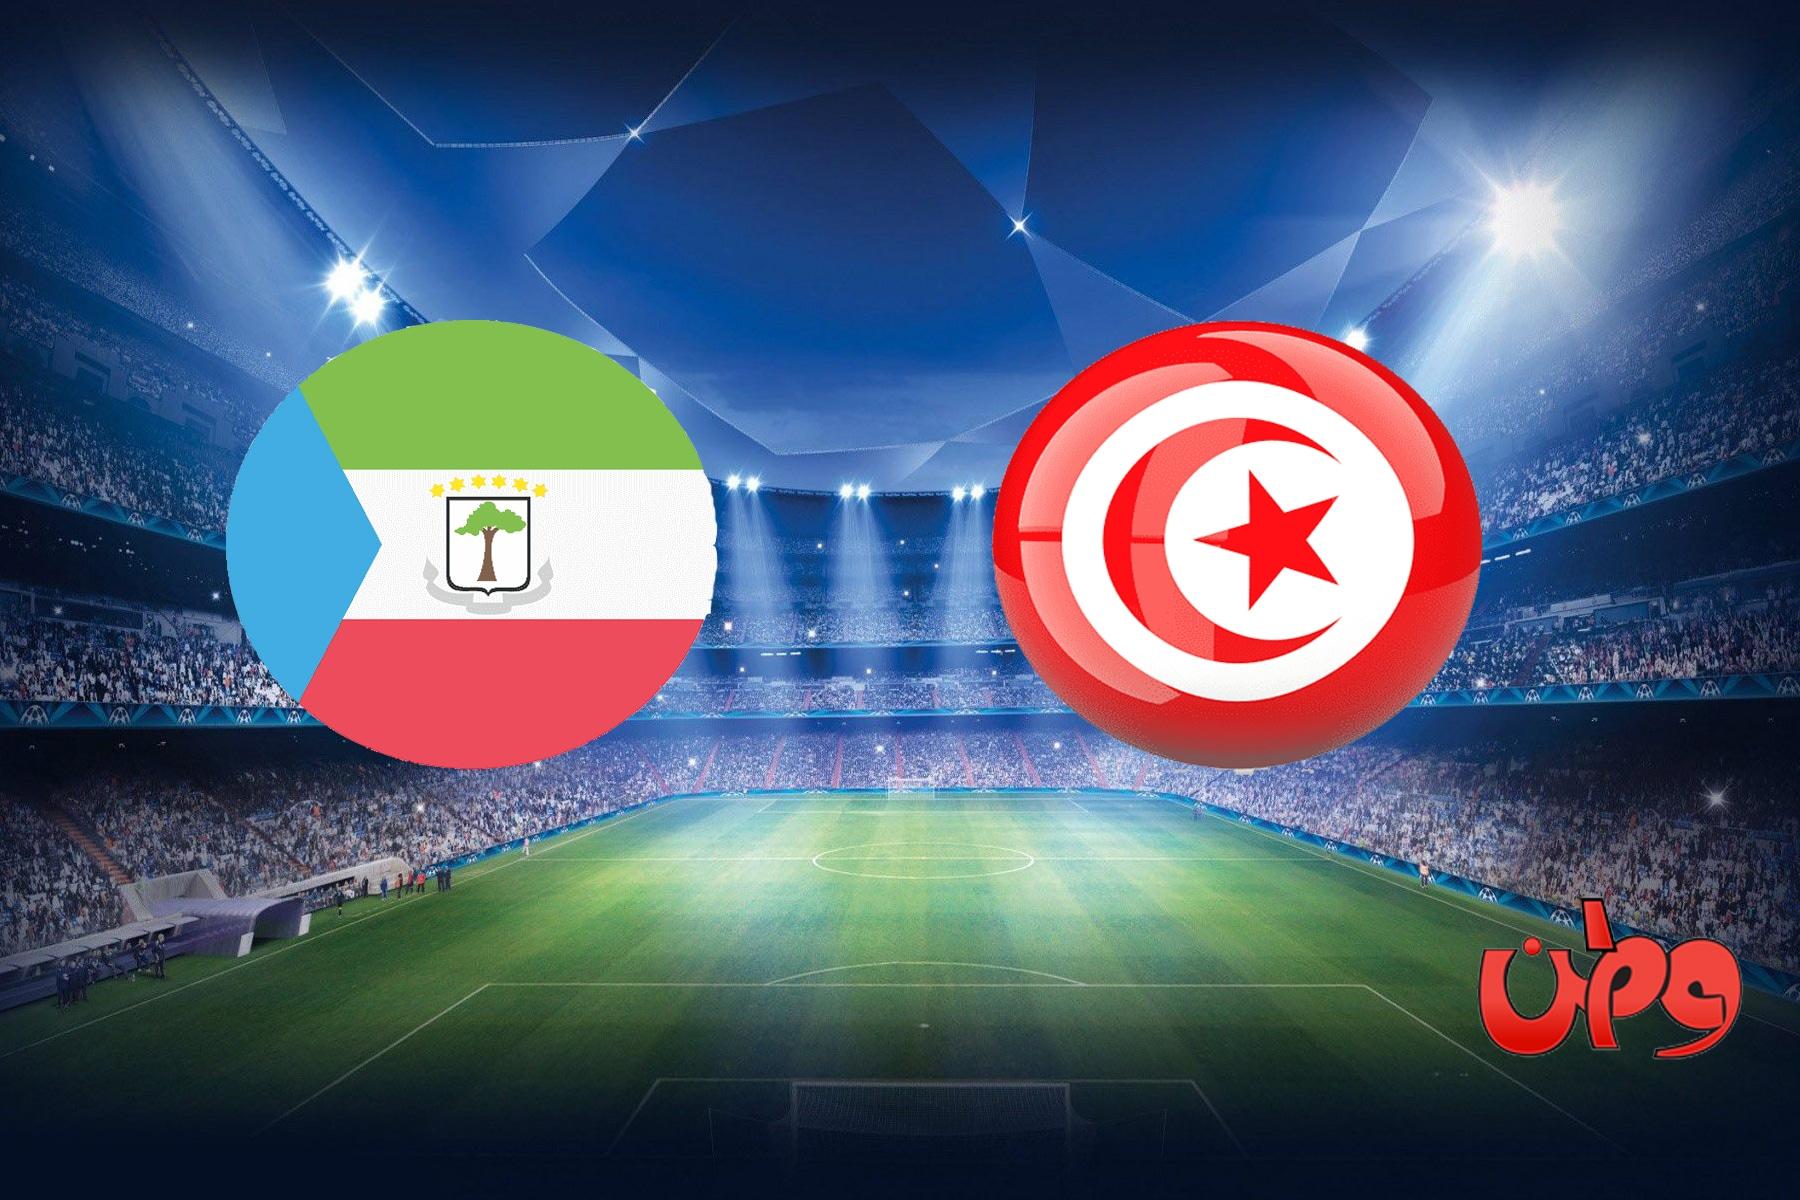 مباراة منتخب تونس وغينيا في تصفيات مونديال كأس العالم 2022